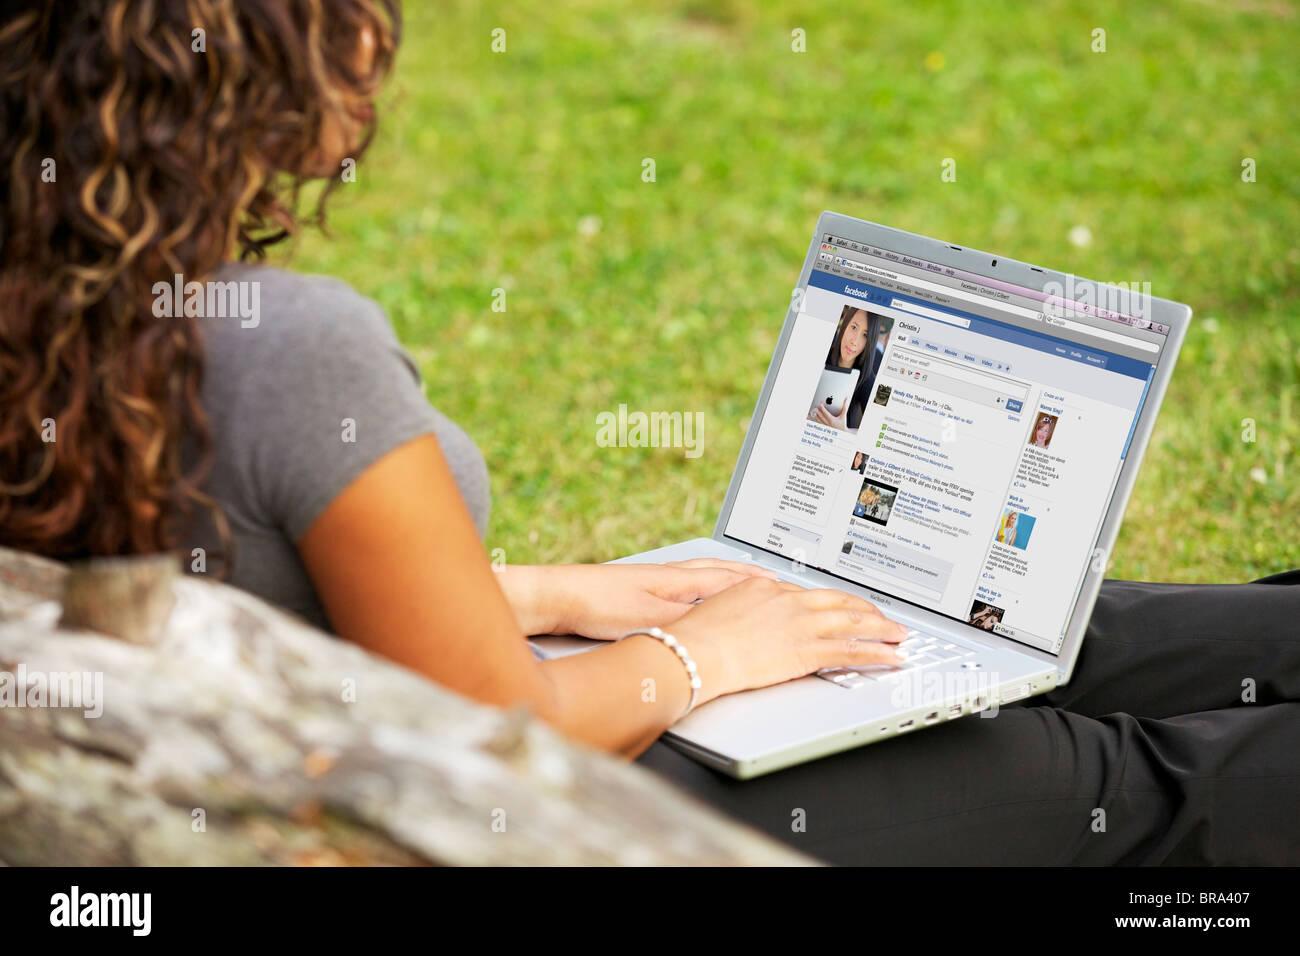 Mujer joven comprobación en línea de la página de Facebook en una laptop a solas en el parque Imagen De Stock